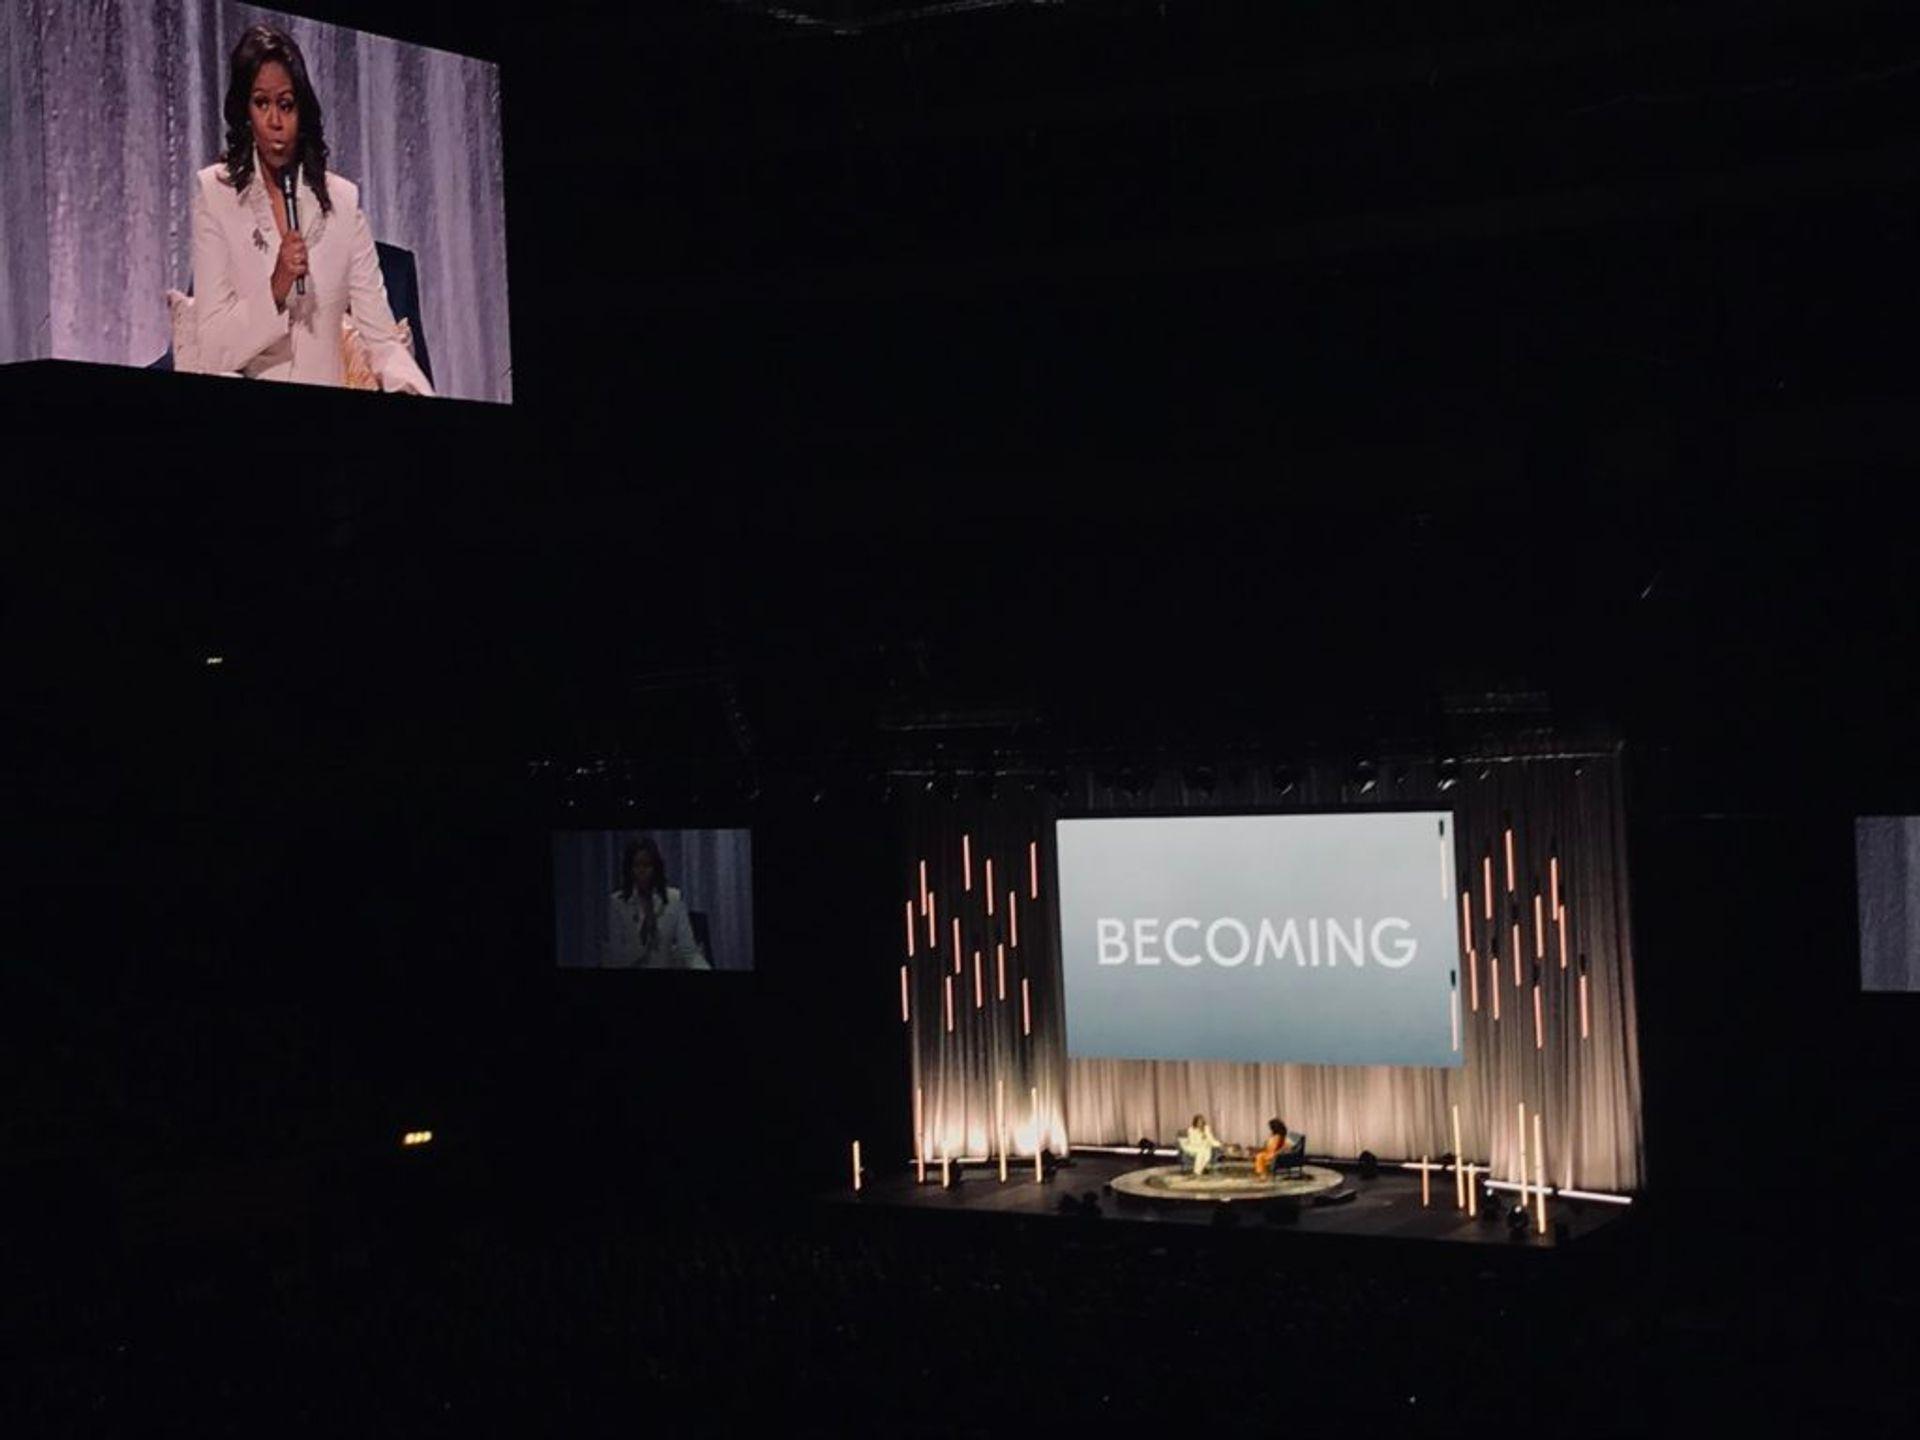 Michelle Obama on stage inside Globen.